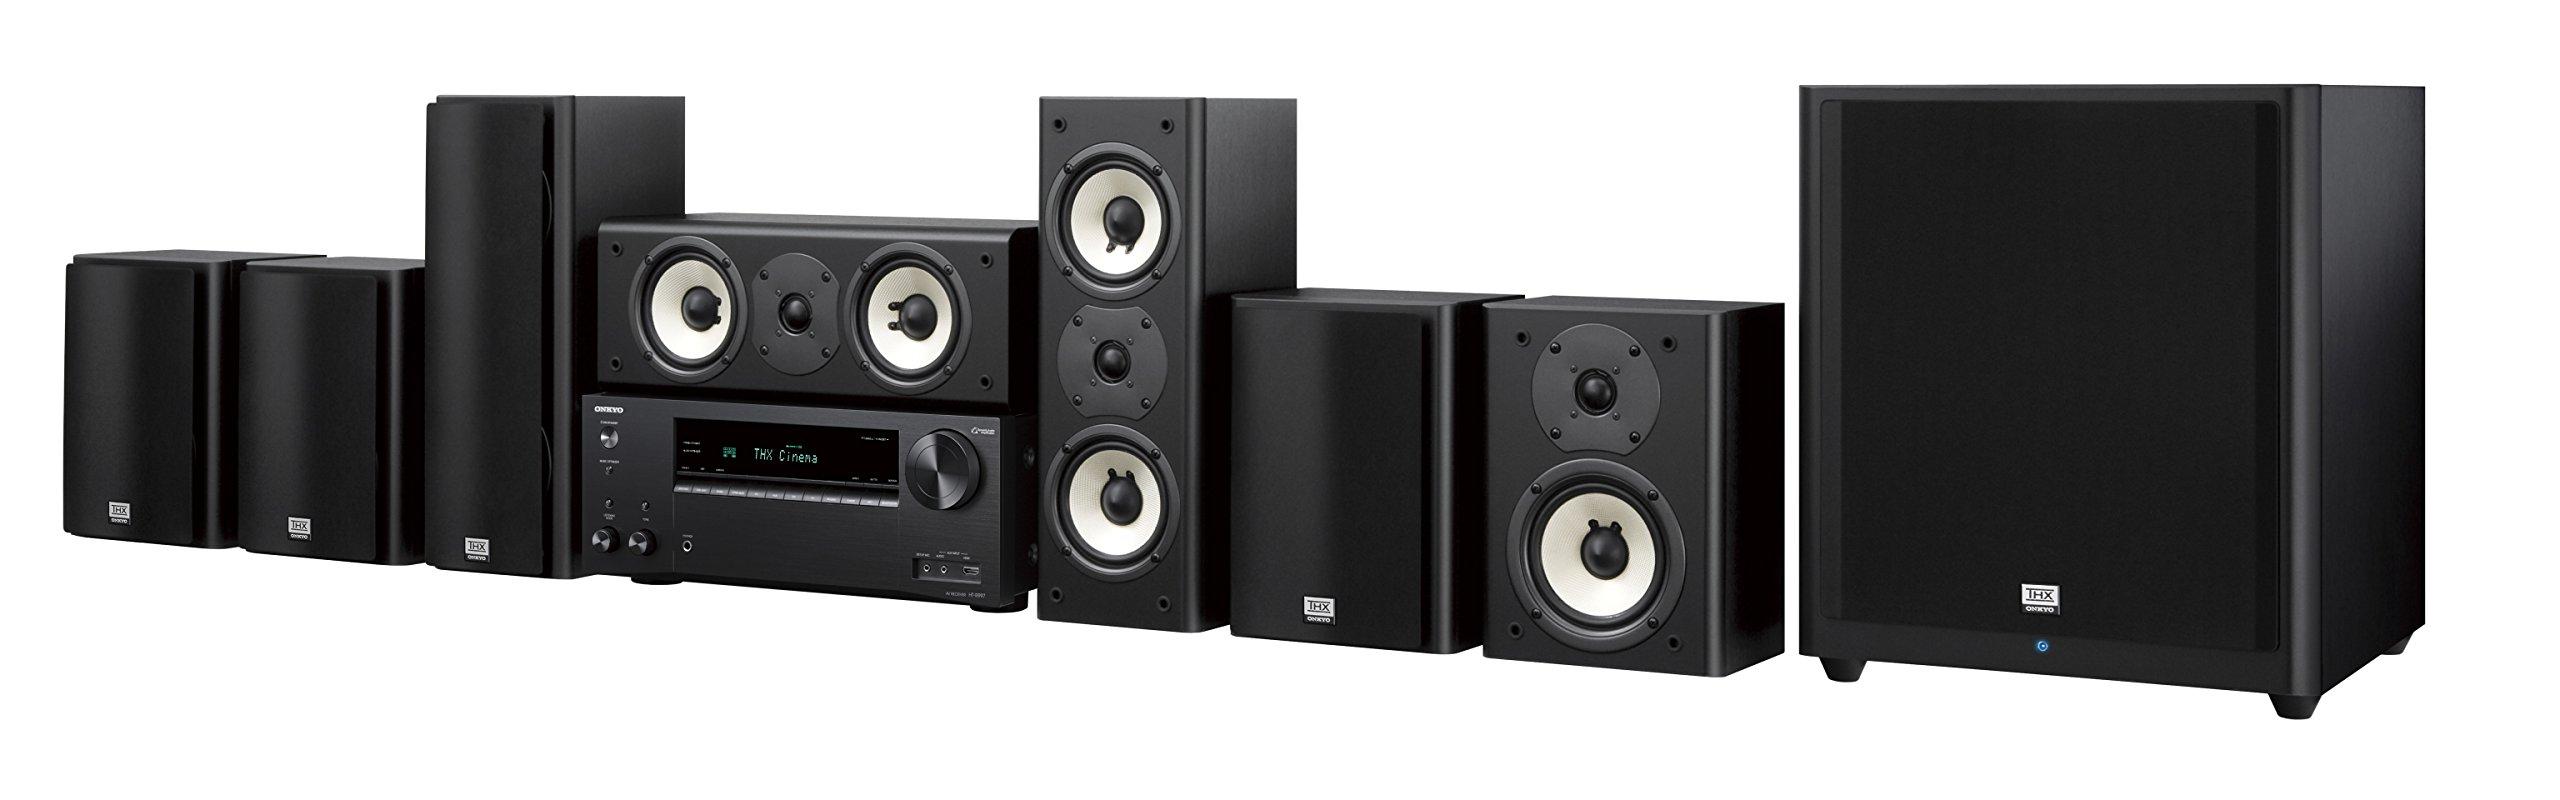 Cheap Thx Sound System Test, find Thx Sound System Test deals on